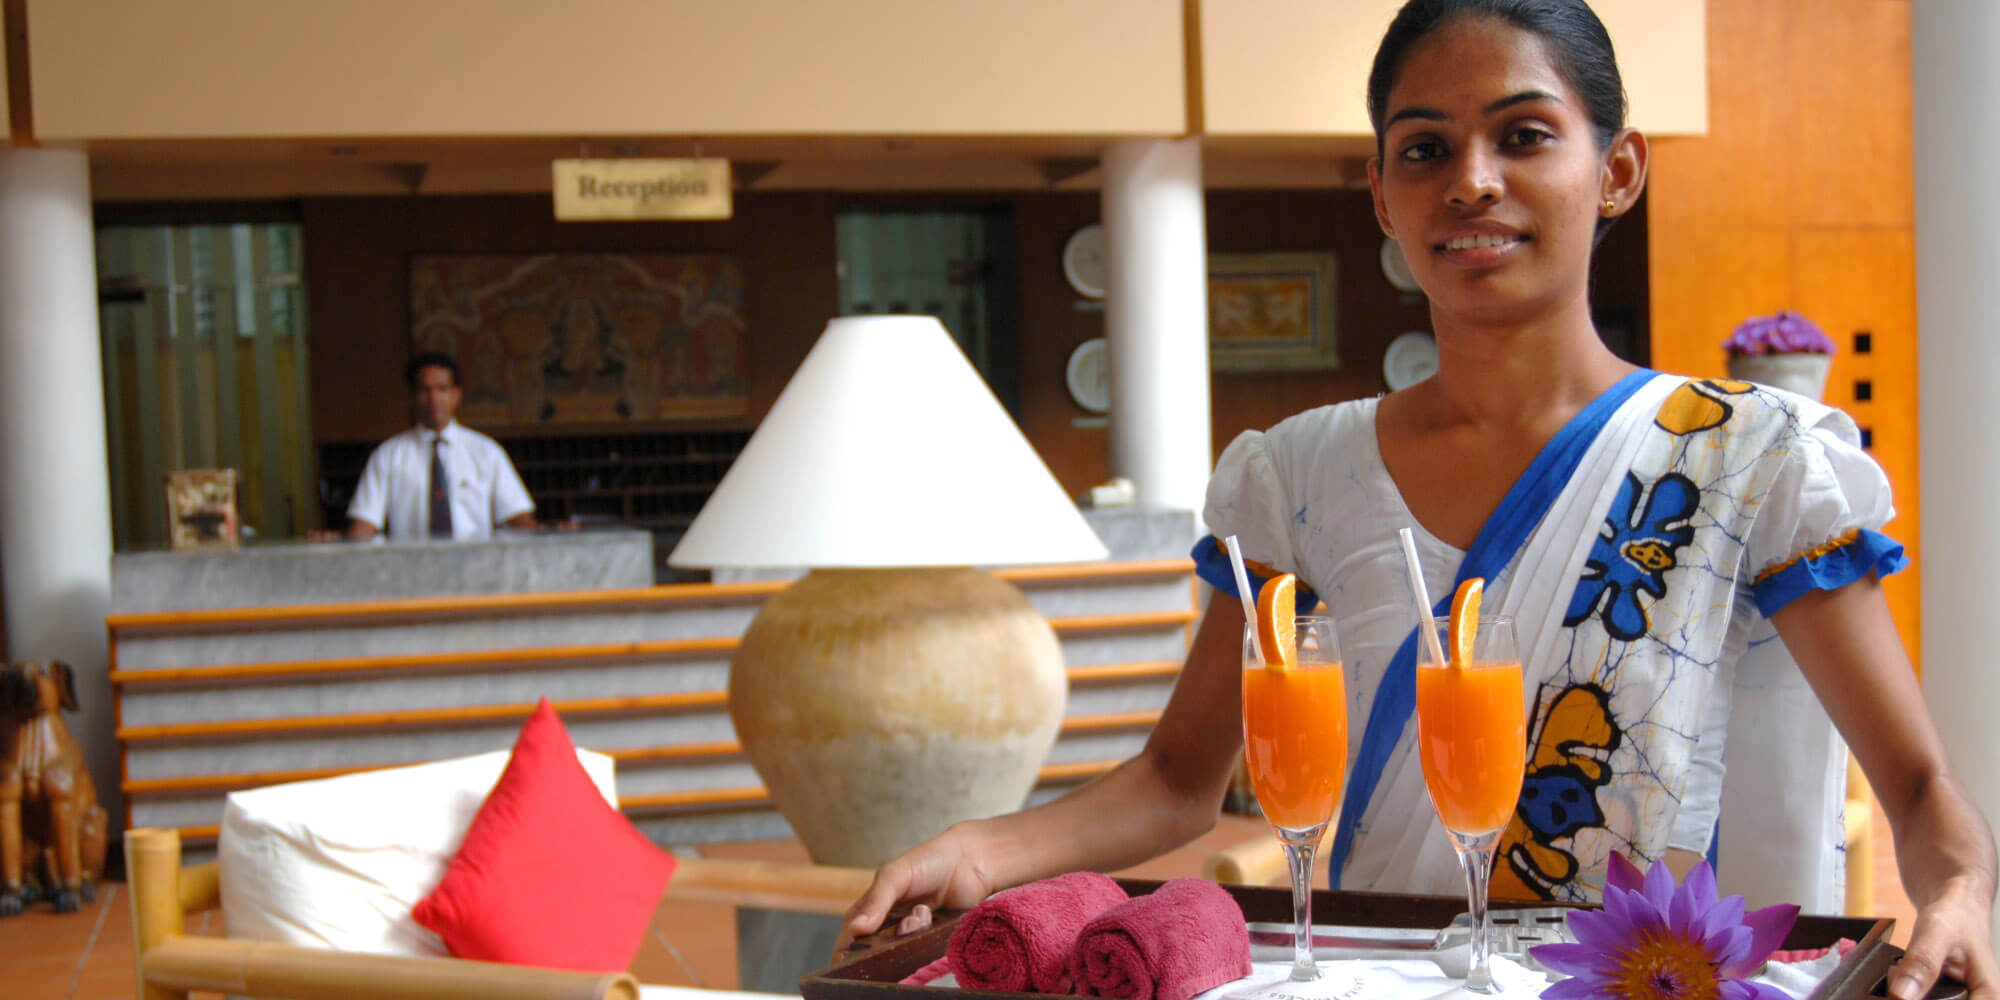 Ayurvedakur im Sommer in Sri Lanka - Der besonders gute Service